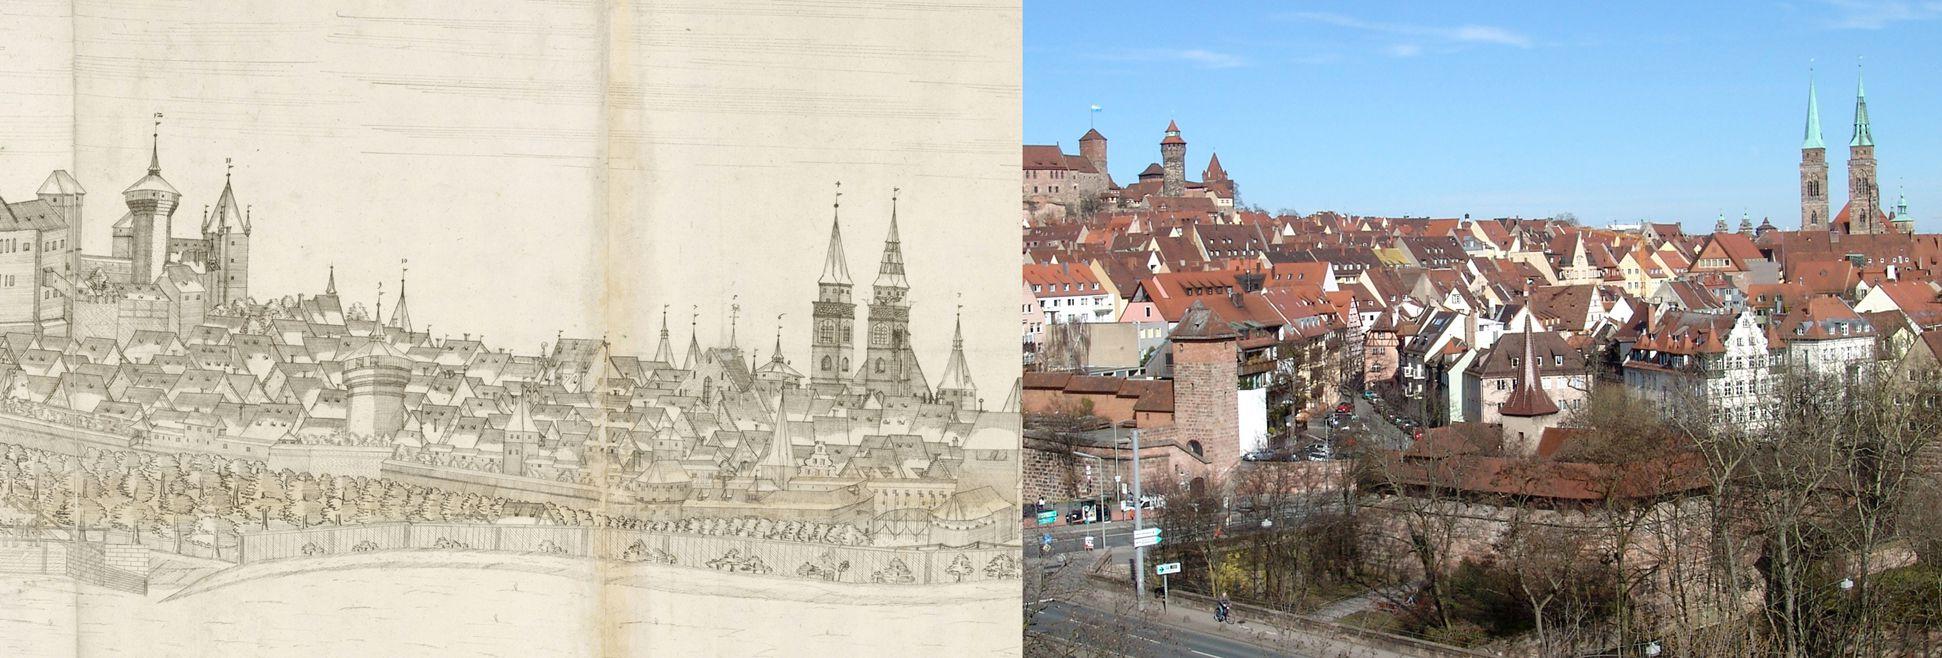 Panoramadarstellung der Stadt Nürnberg von Westen Gegenüberstellung Detail vom mittleren Drittel der Zeichnung mit Heidenturm, Sinwellturm, Luginsland, Neutor (unten) und Sankt Sebald und dem heutigen Zustand